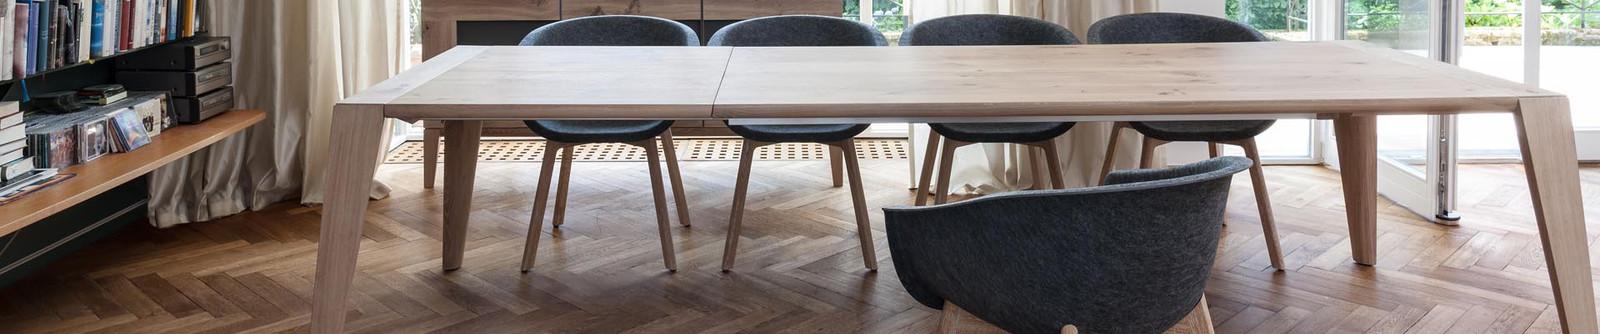 Loft klar und modern von form exclusiv for Designermobel reduziert